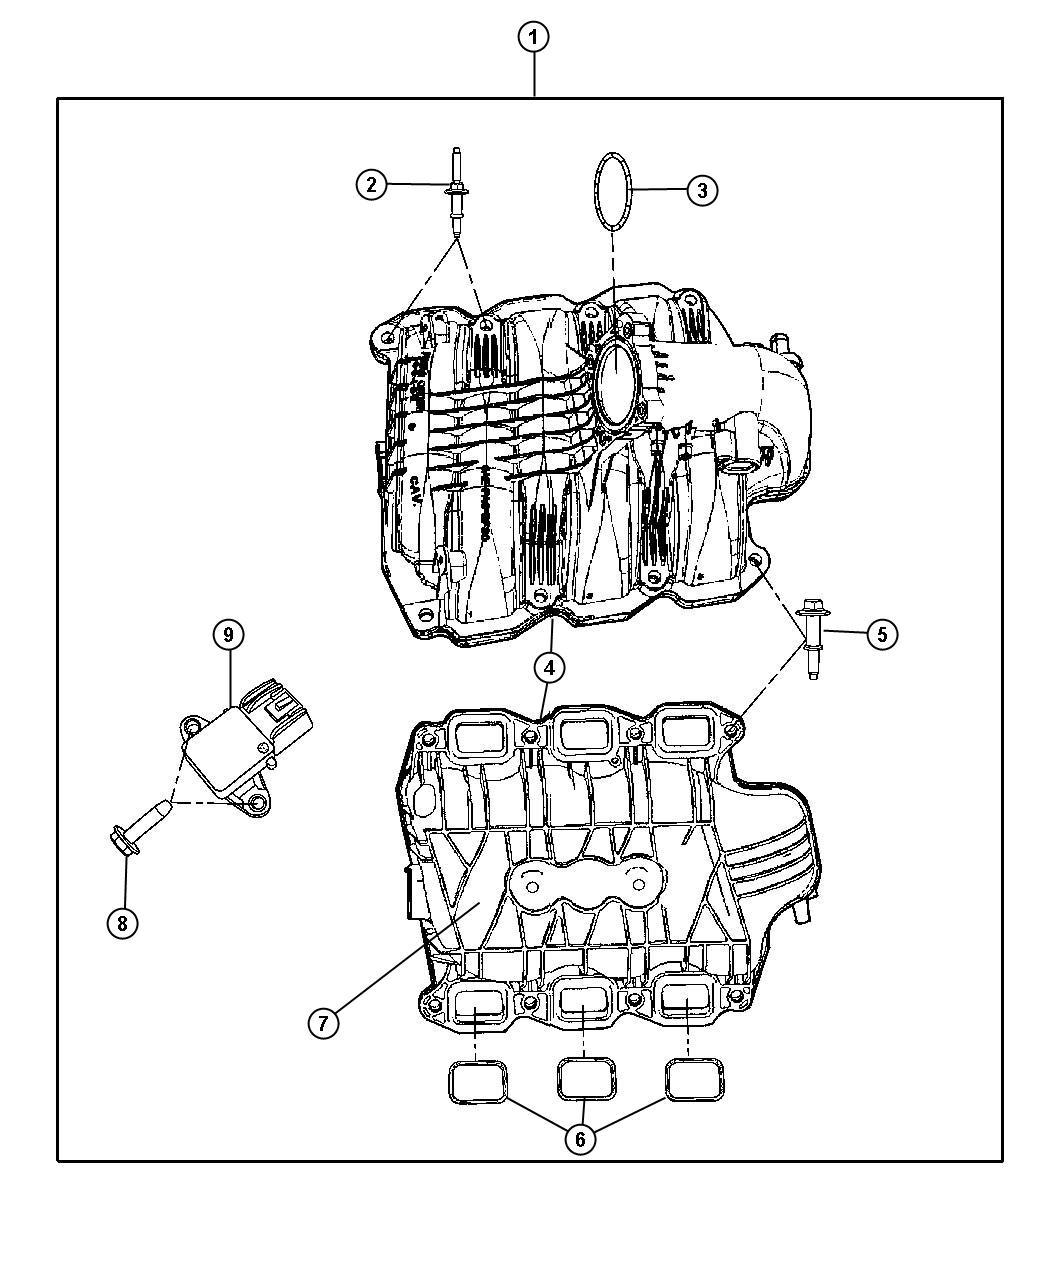 Dodge Dakota Manifold, manifold kit. Engine intake, intake